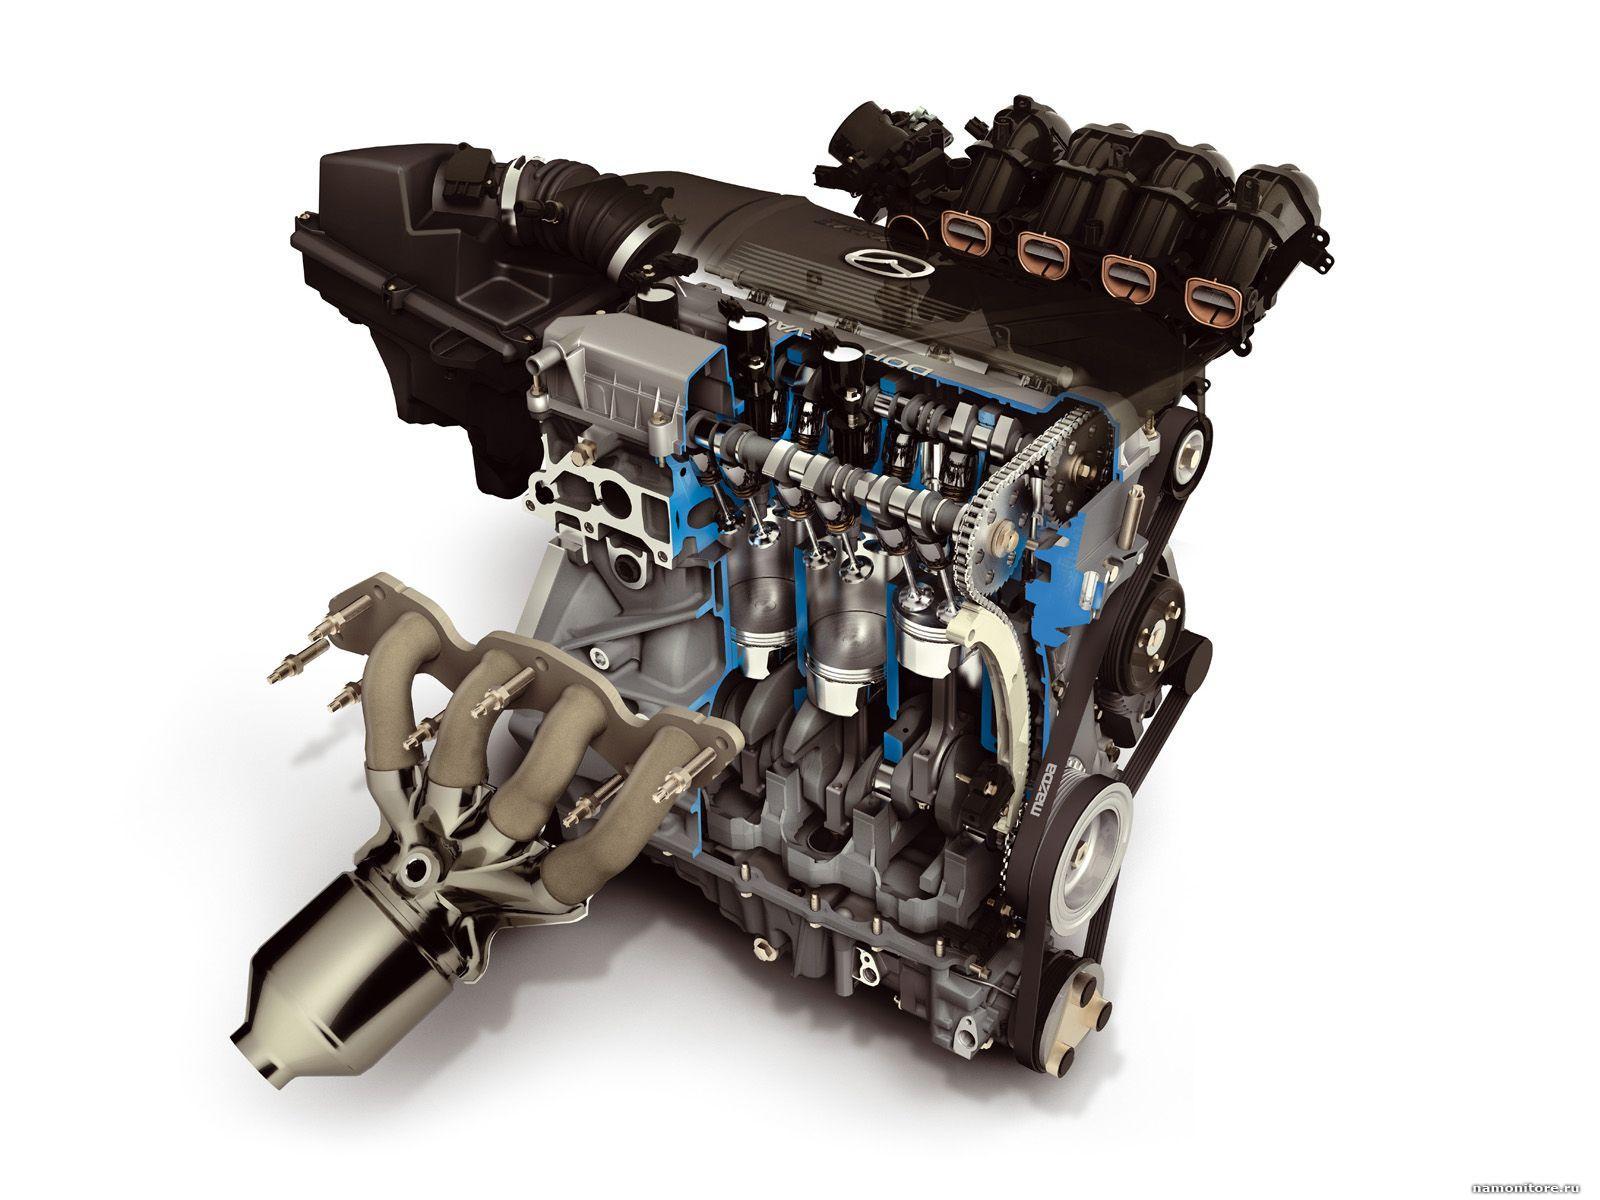 Купить двигатель в Таразе, бензин, дизель двс